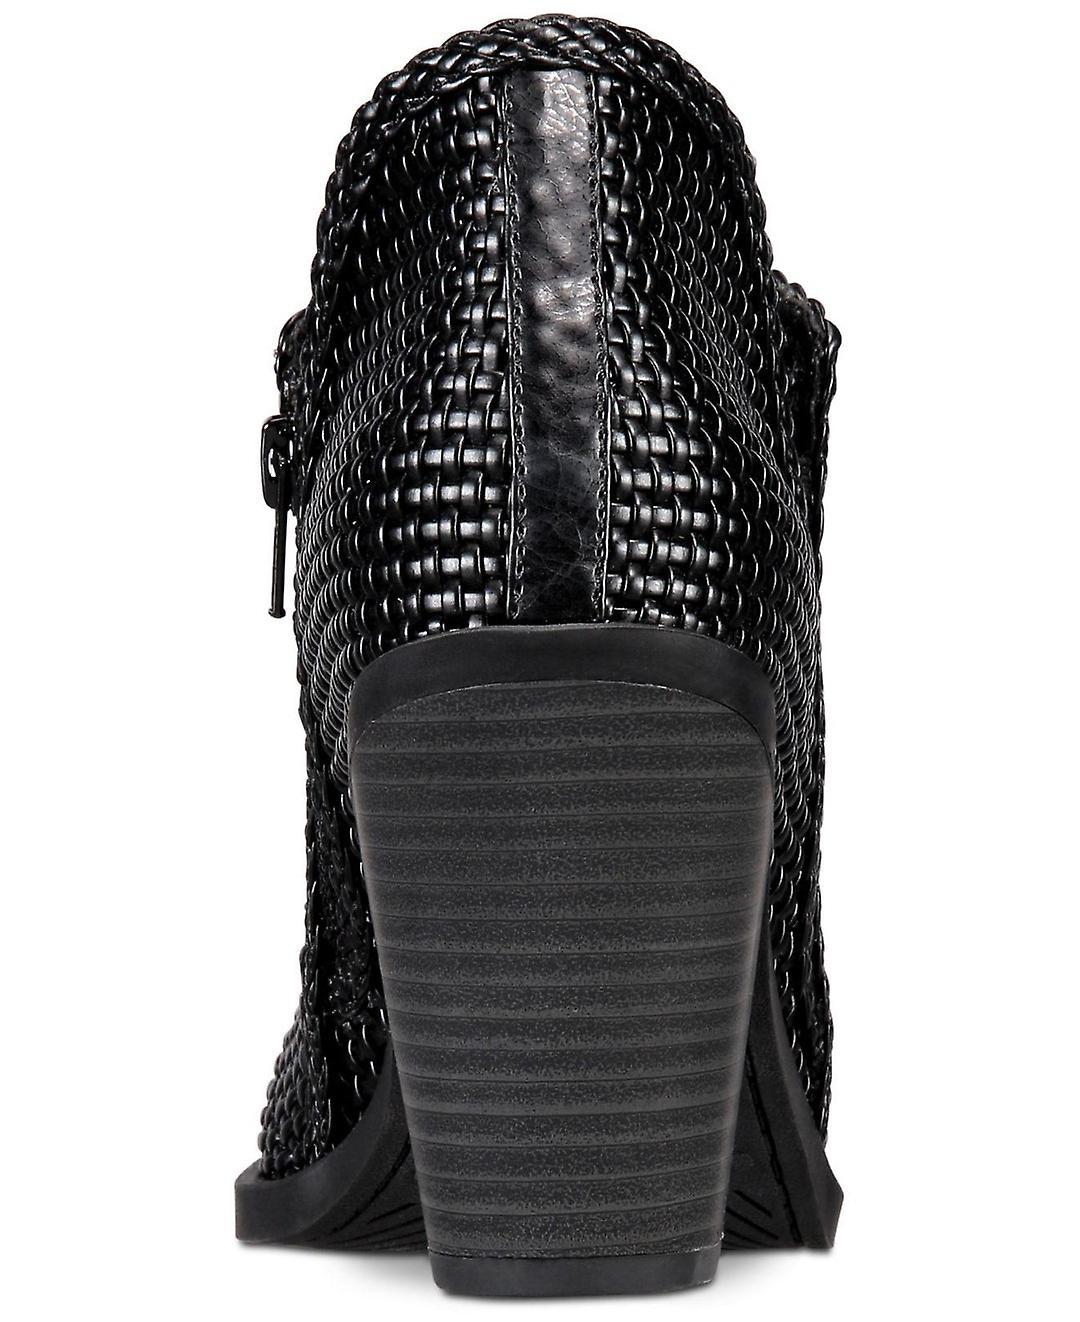 ESPRIT kvinner Kelsie fabric spiss tå ankel mote støvler